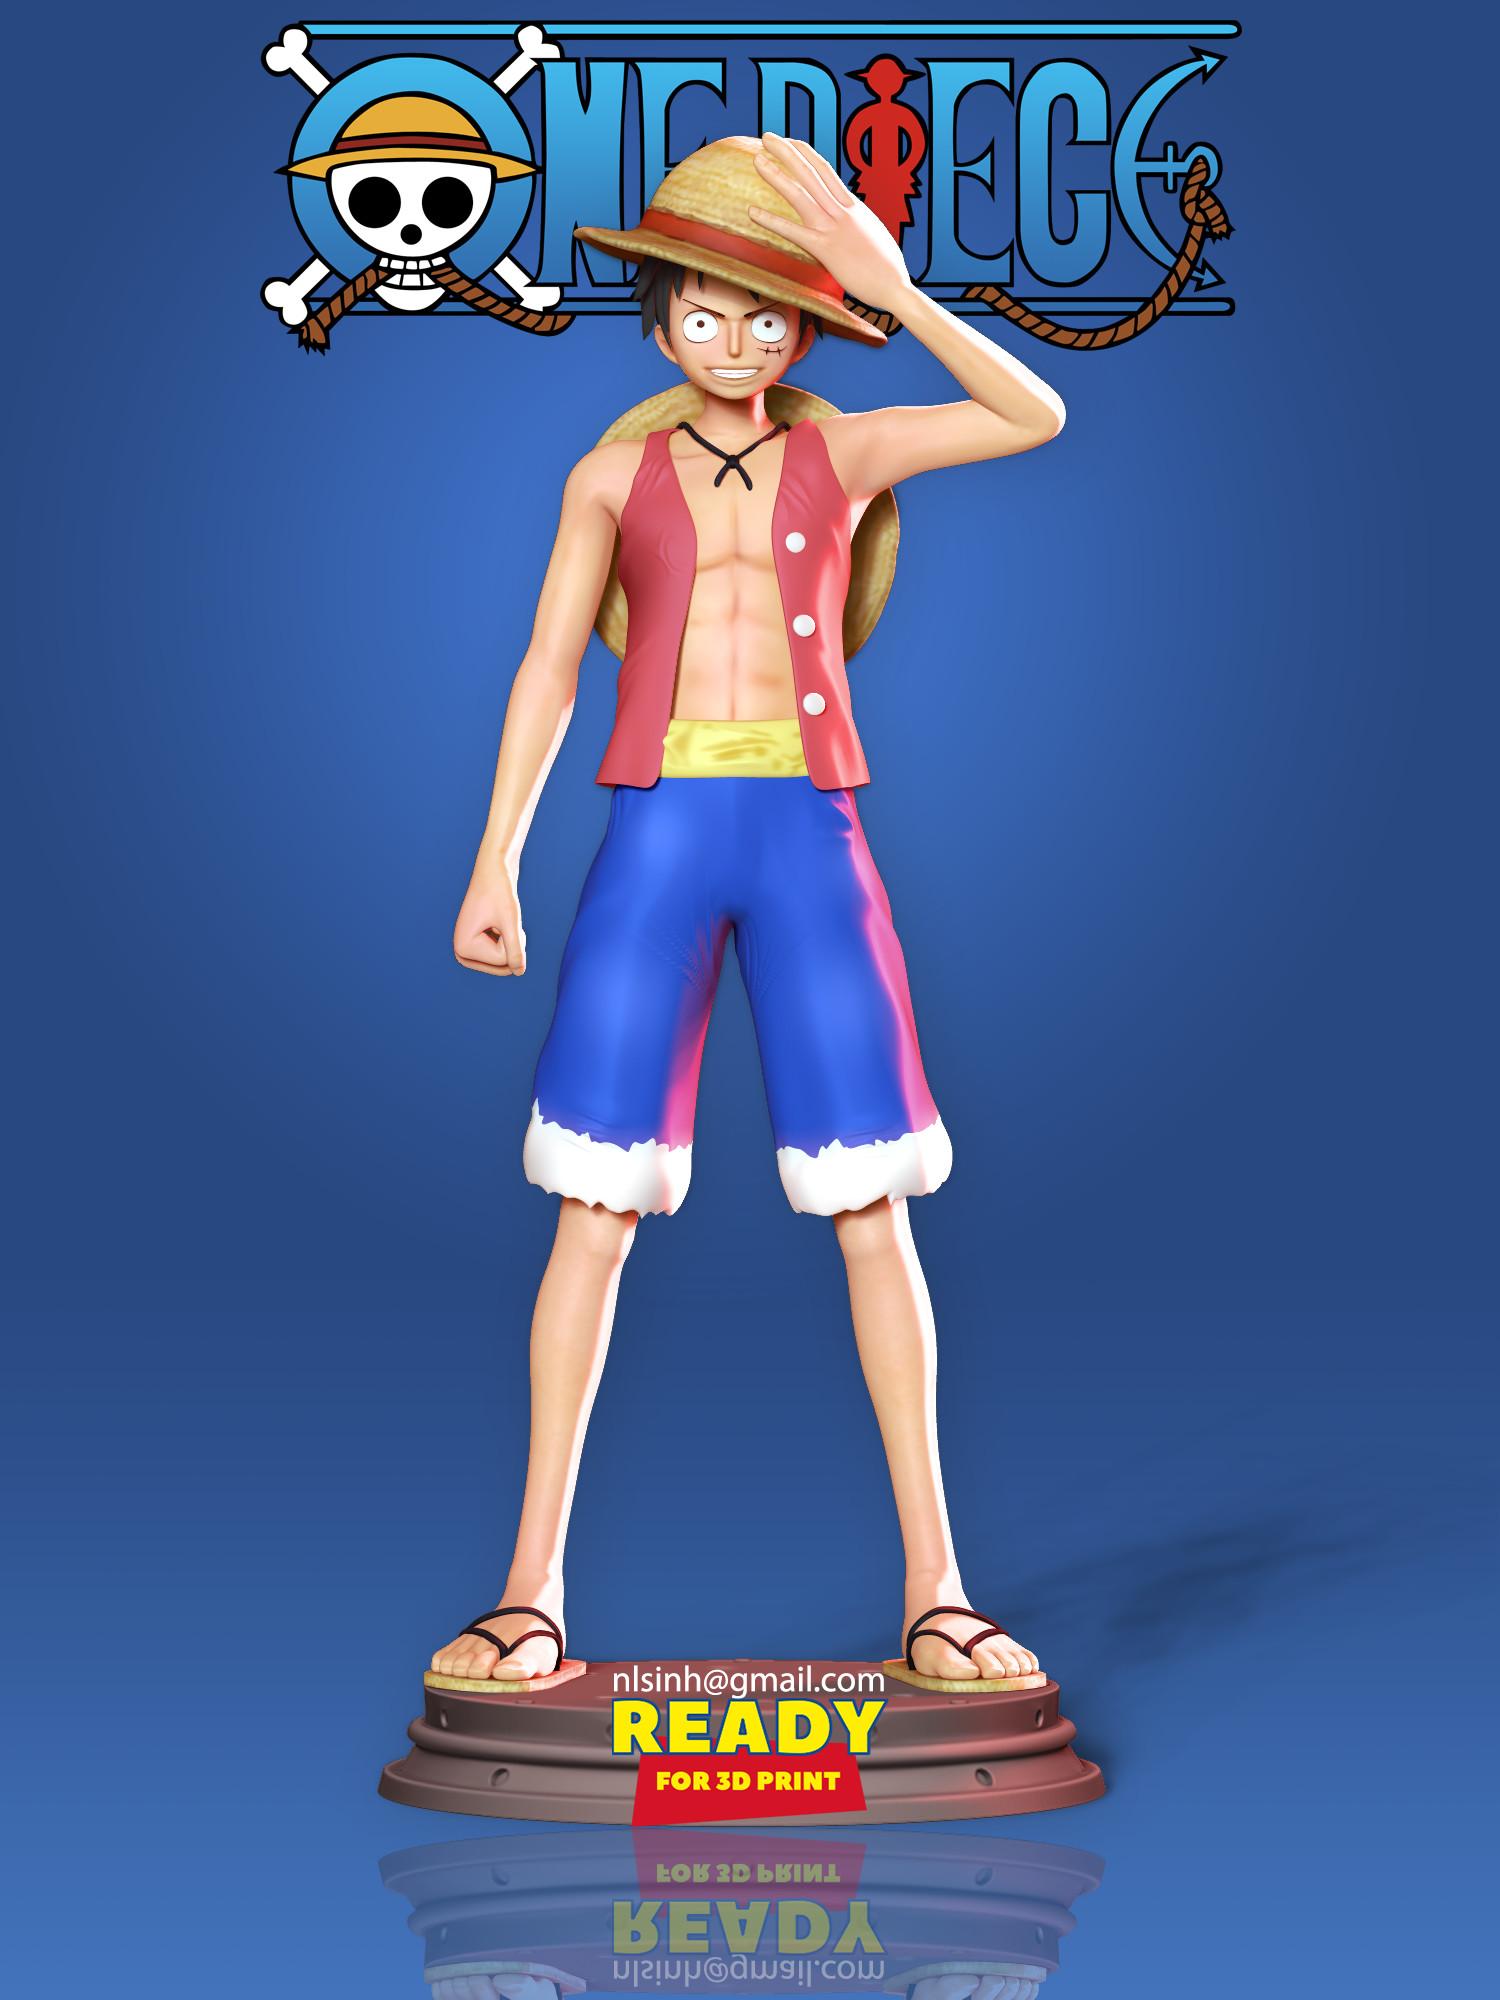 ArtStation - Luffy - One Piece Fan art | Game Assets